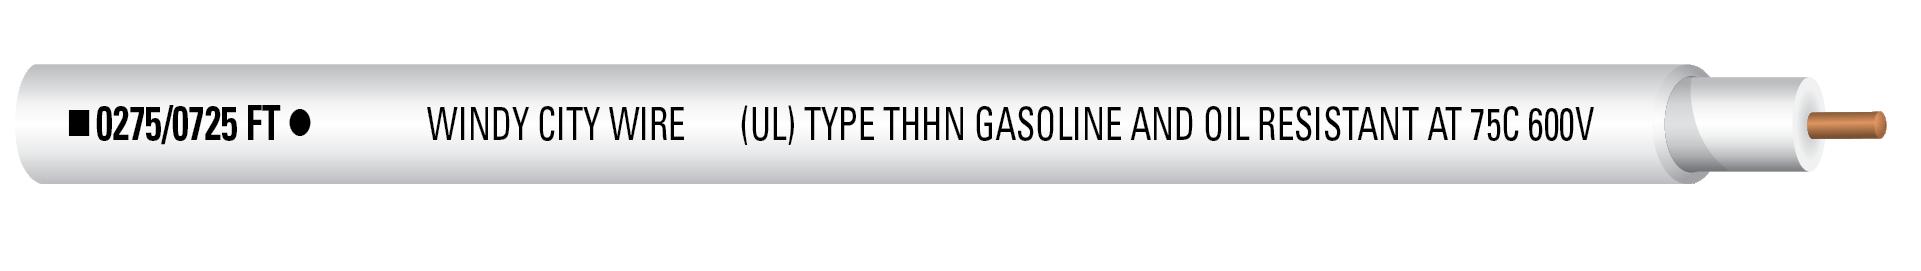 14-1C SOL THHN 600V Wht